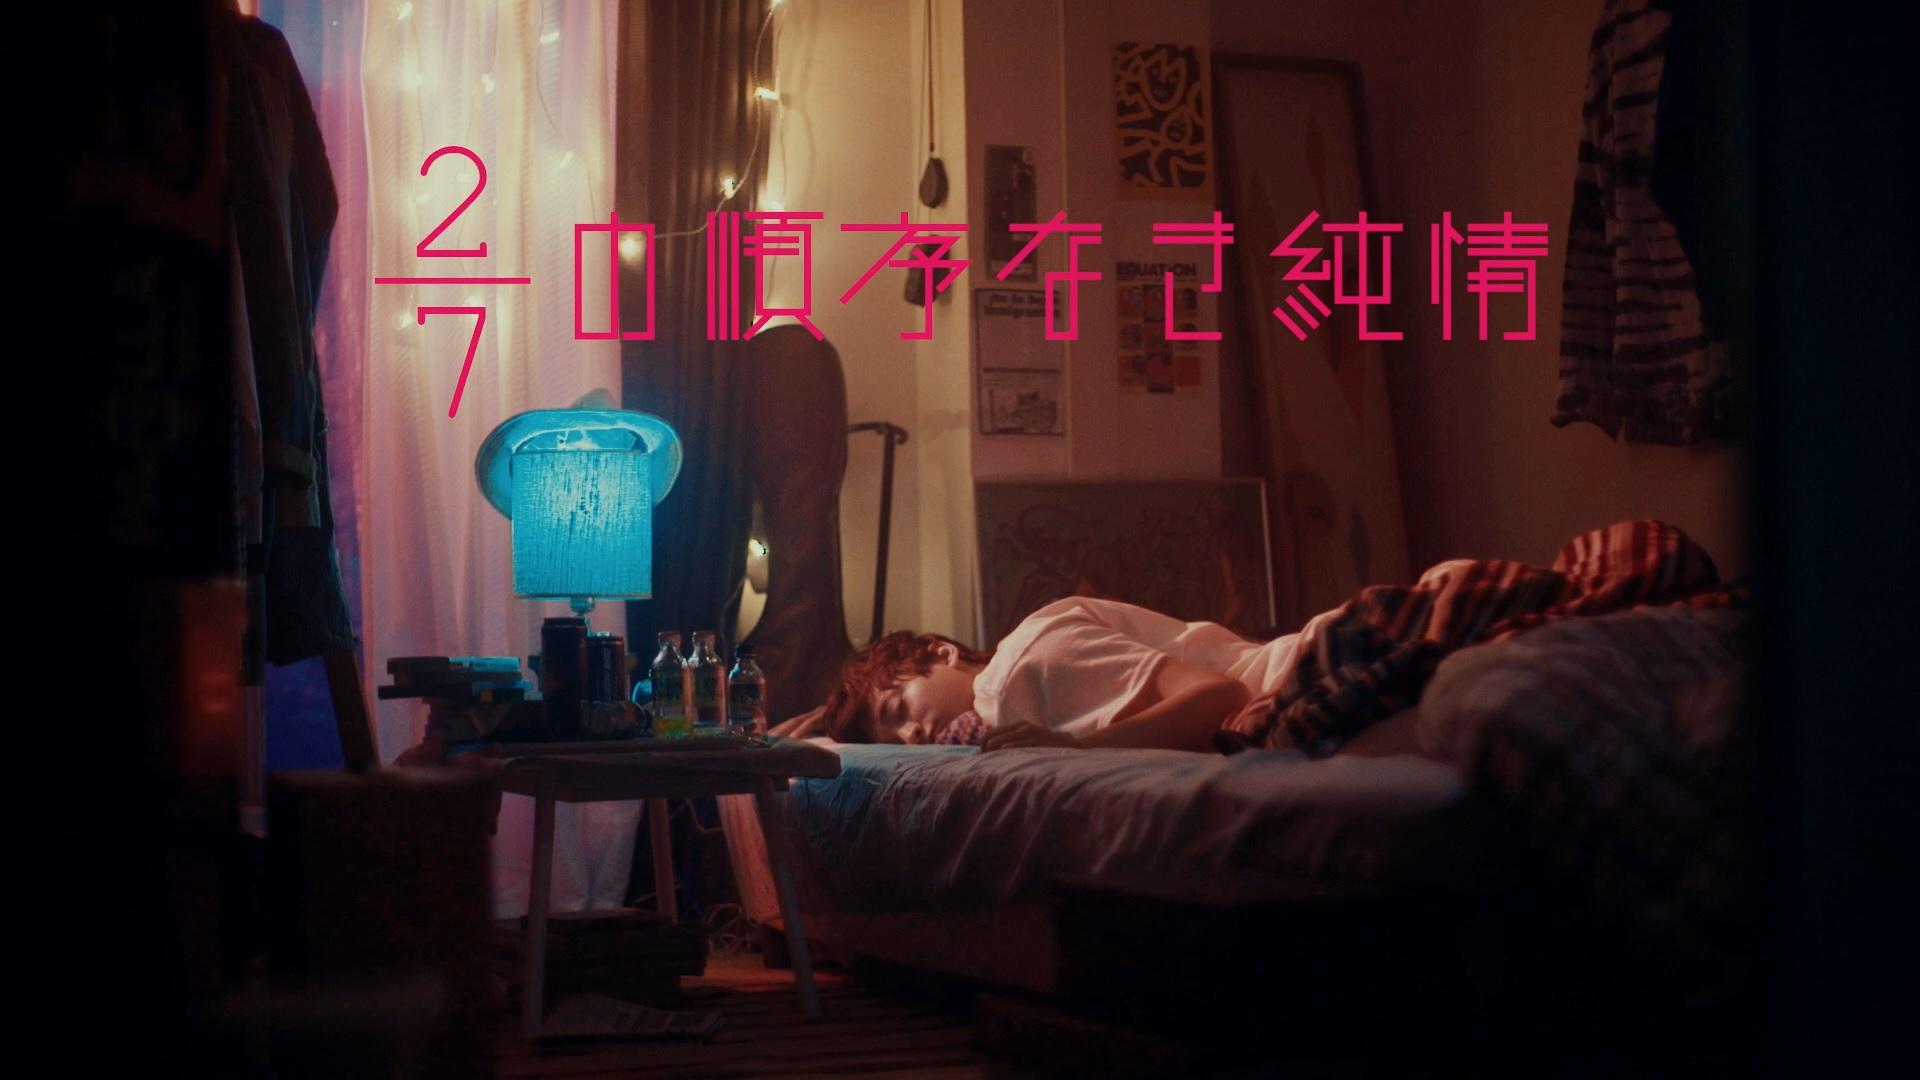 小関裕太出演による、GReeeeN「2/7の順序なき純情」ミュージックビデオ公開